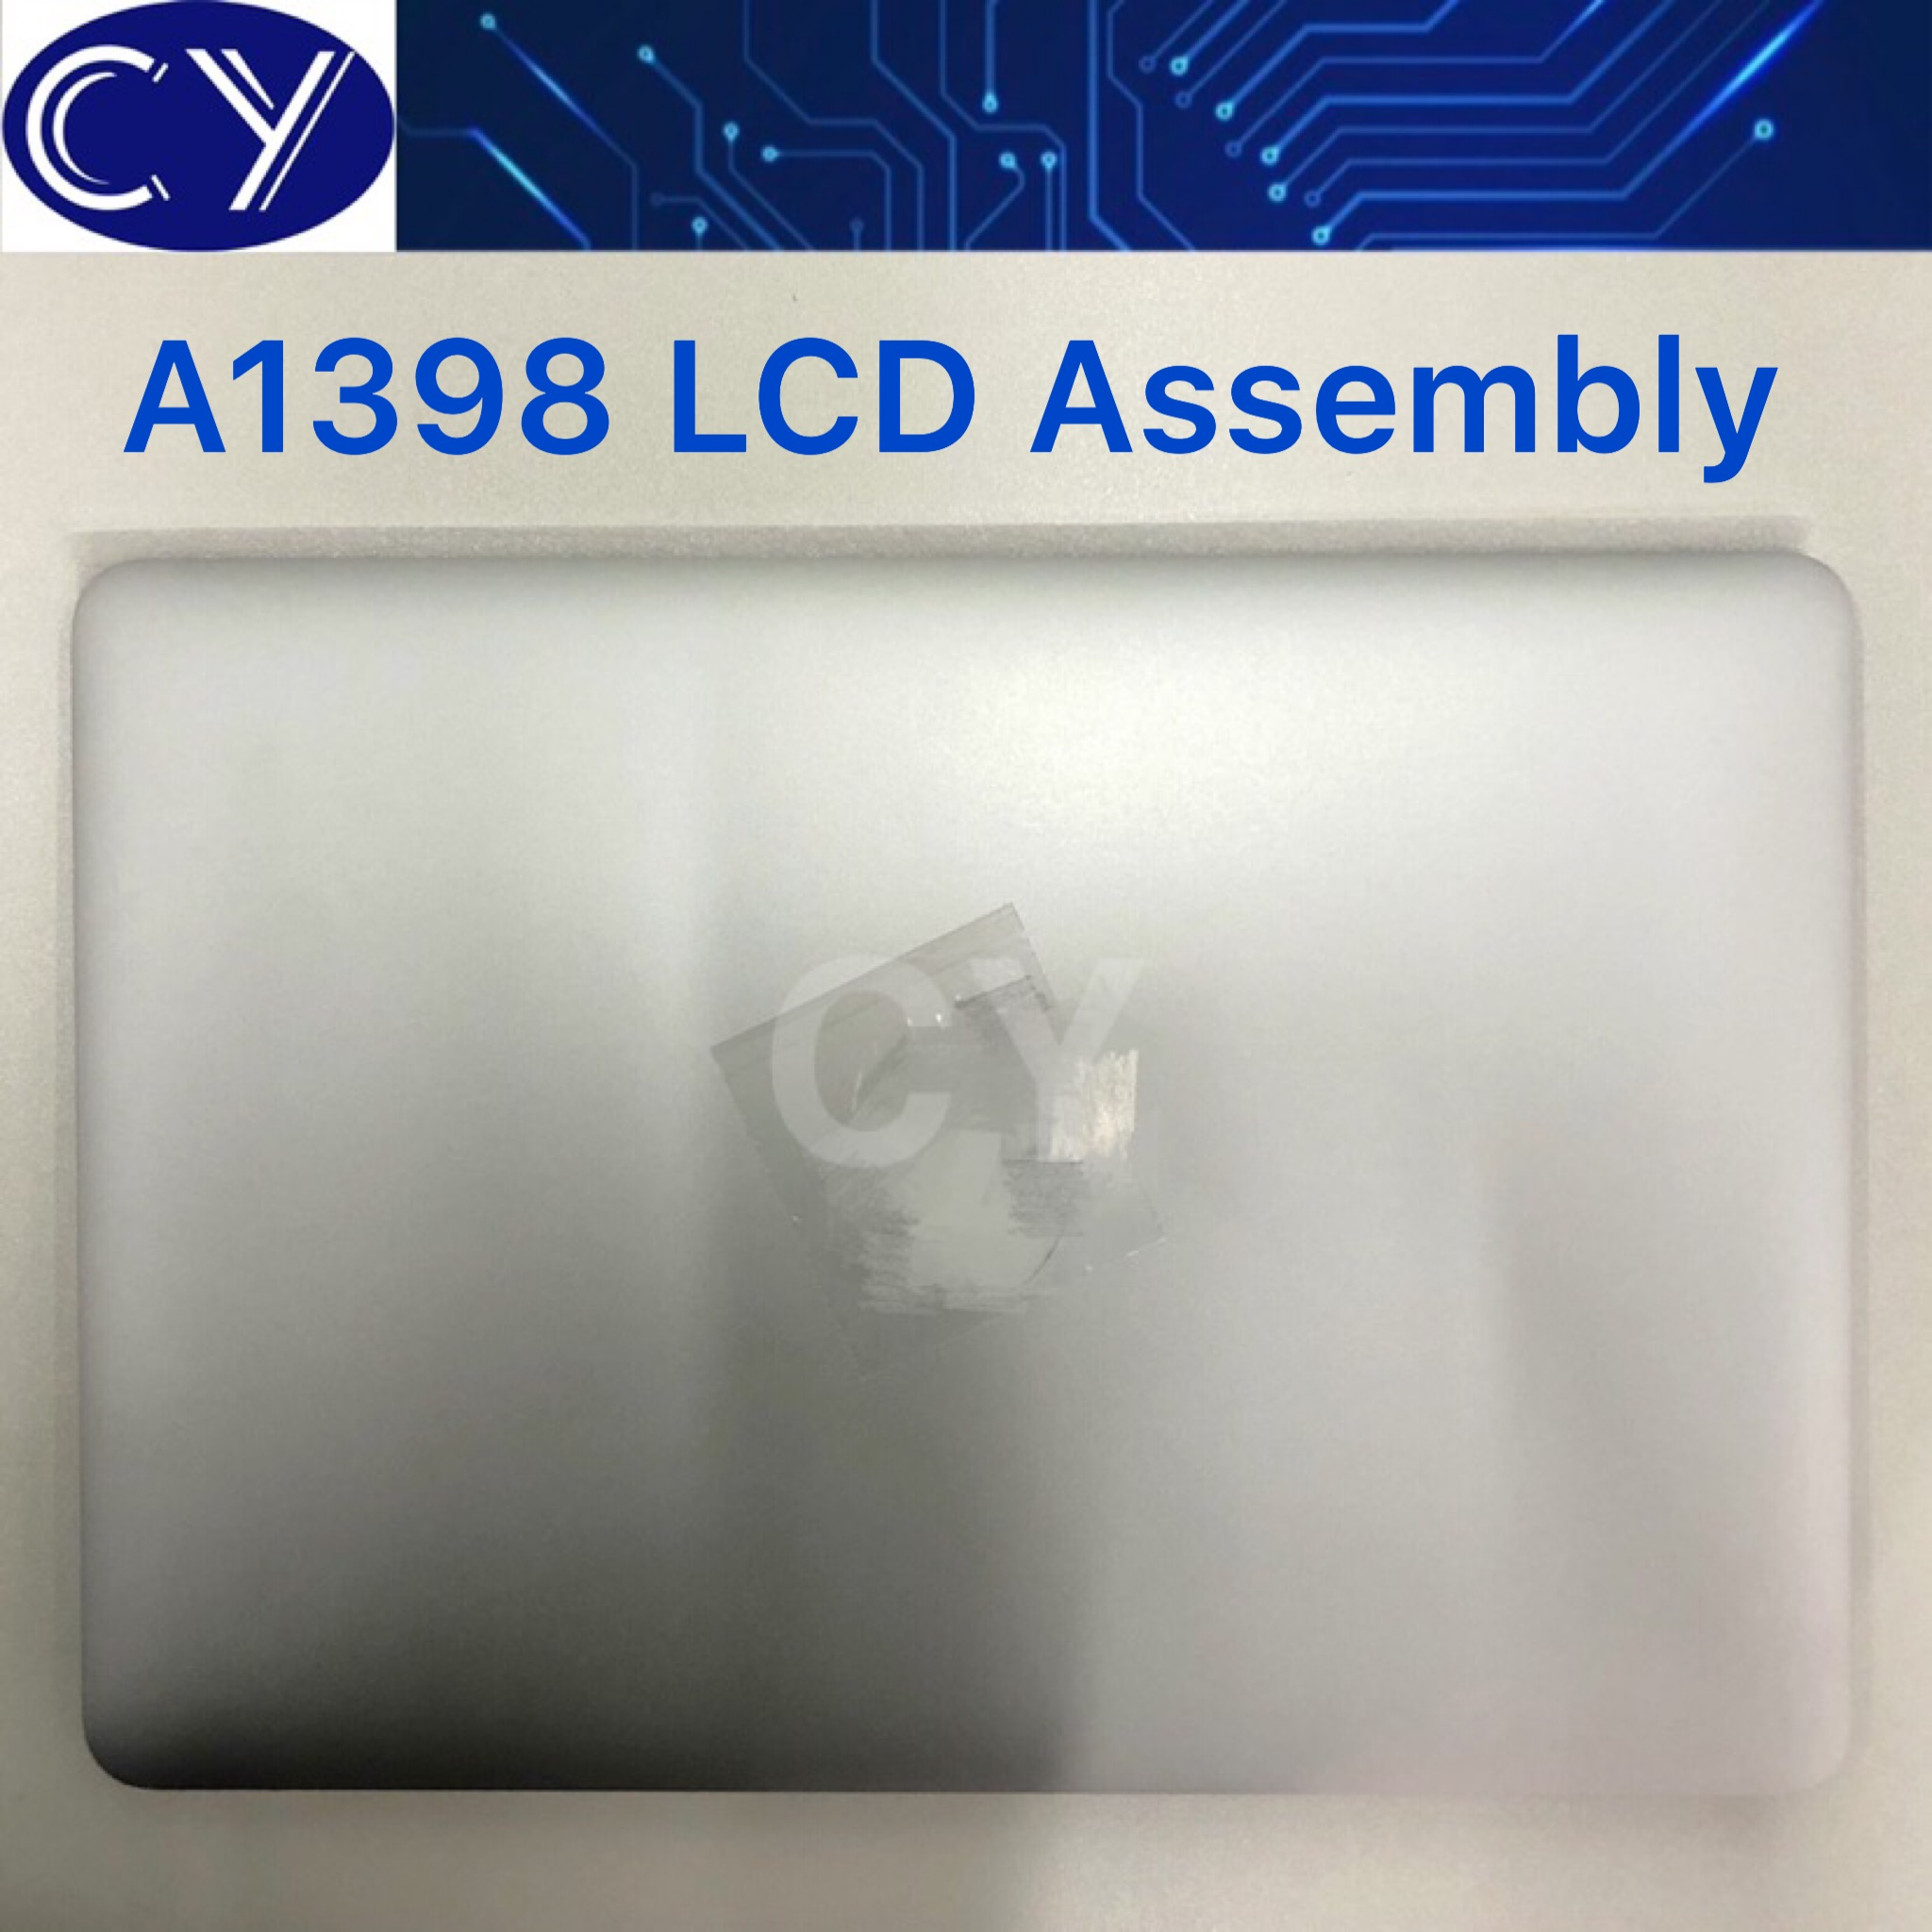 Оригинальный 661-8310 для MacBook Pro Retina, полный ЖК-экран 15,4 дюйма в сборе, A1398, конец 2013, Середина 2014 года, ME293, ME294, MGXA2, MGXC2, 8 o